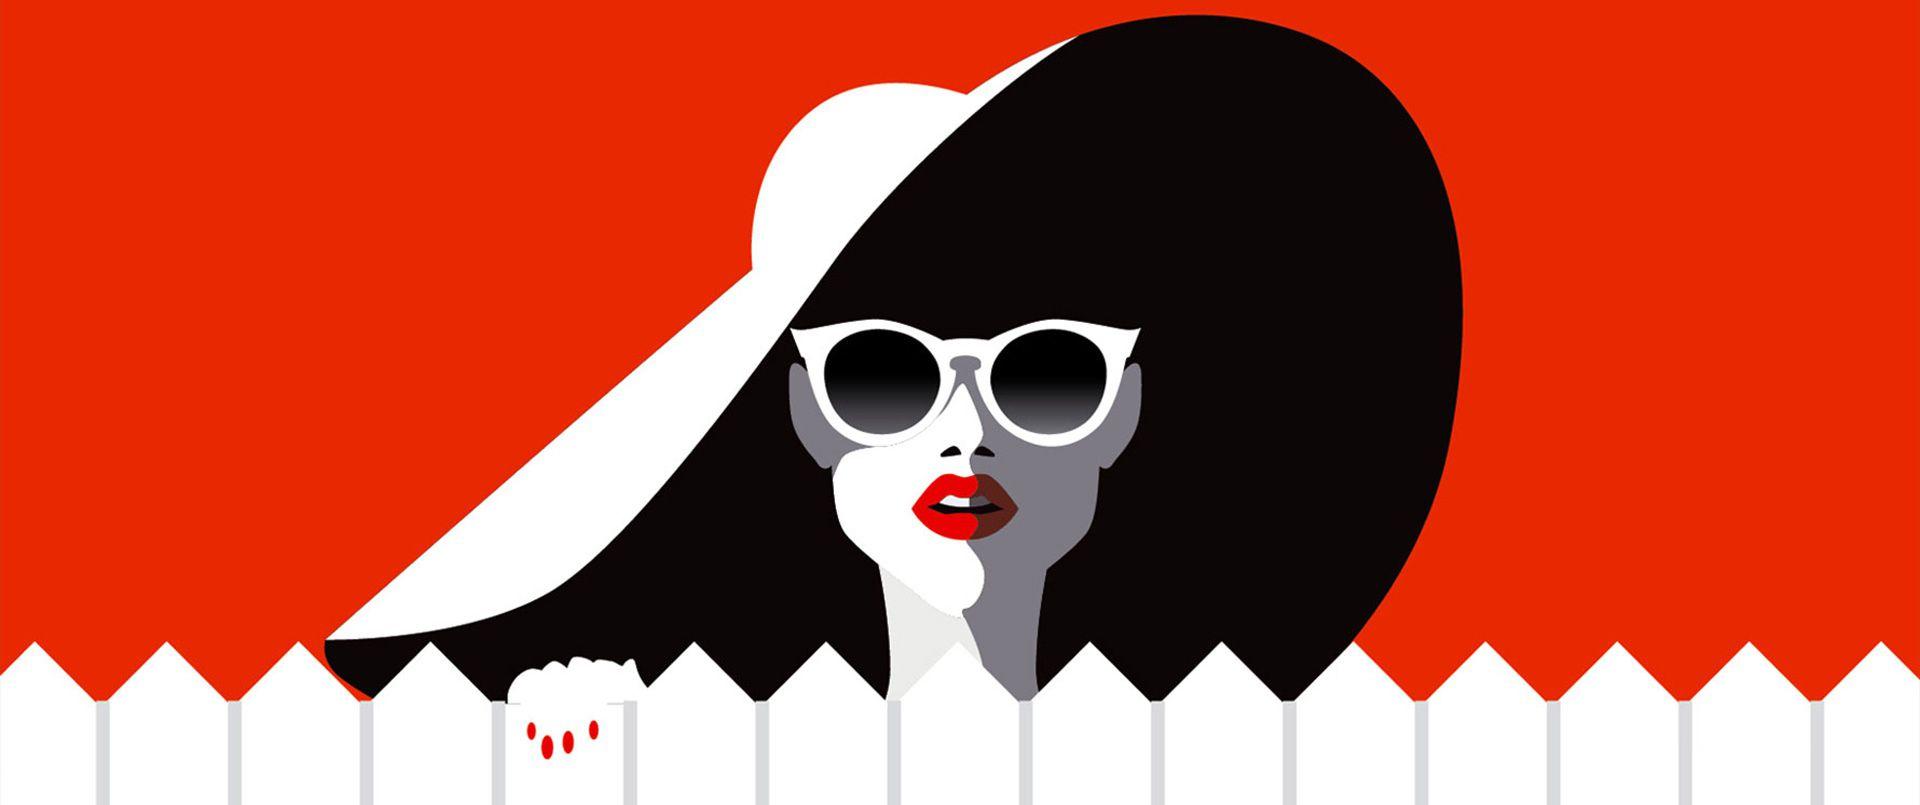 Х-ФАКТОР: женщины-CEO более амбициозны, несмотря на препятствия в доступе к капиталу